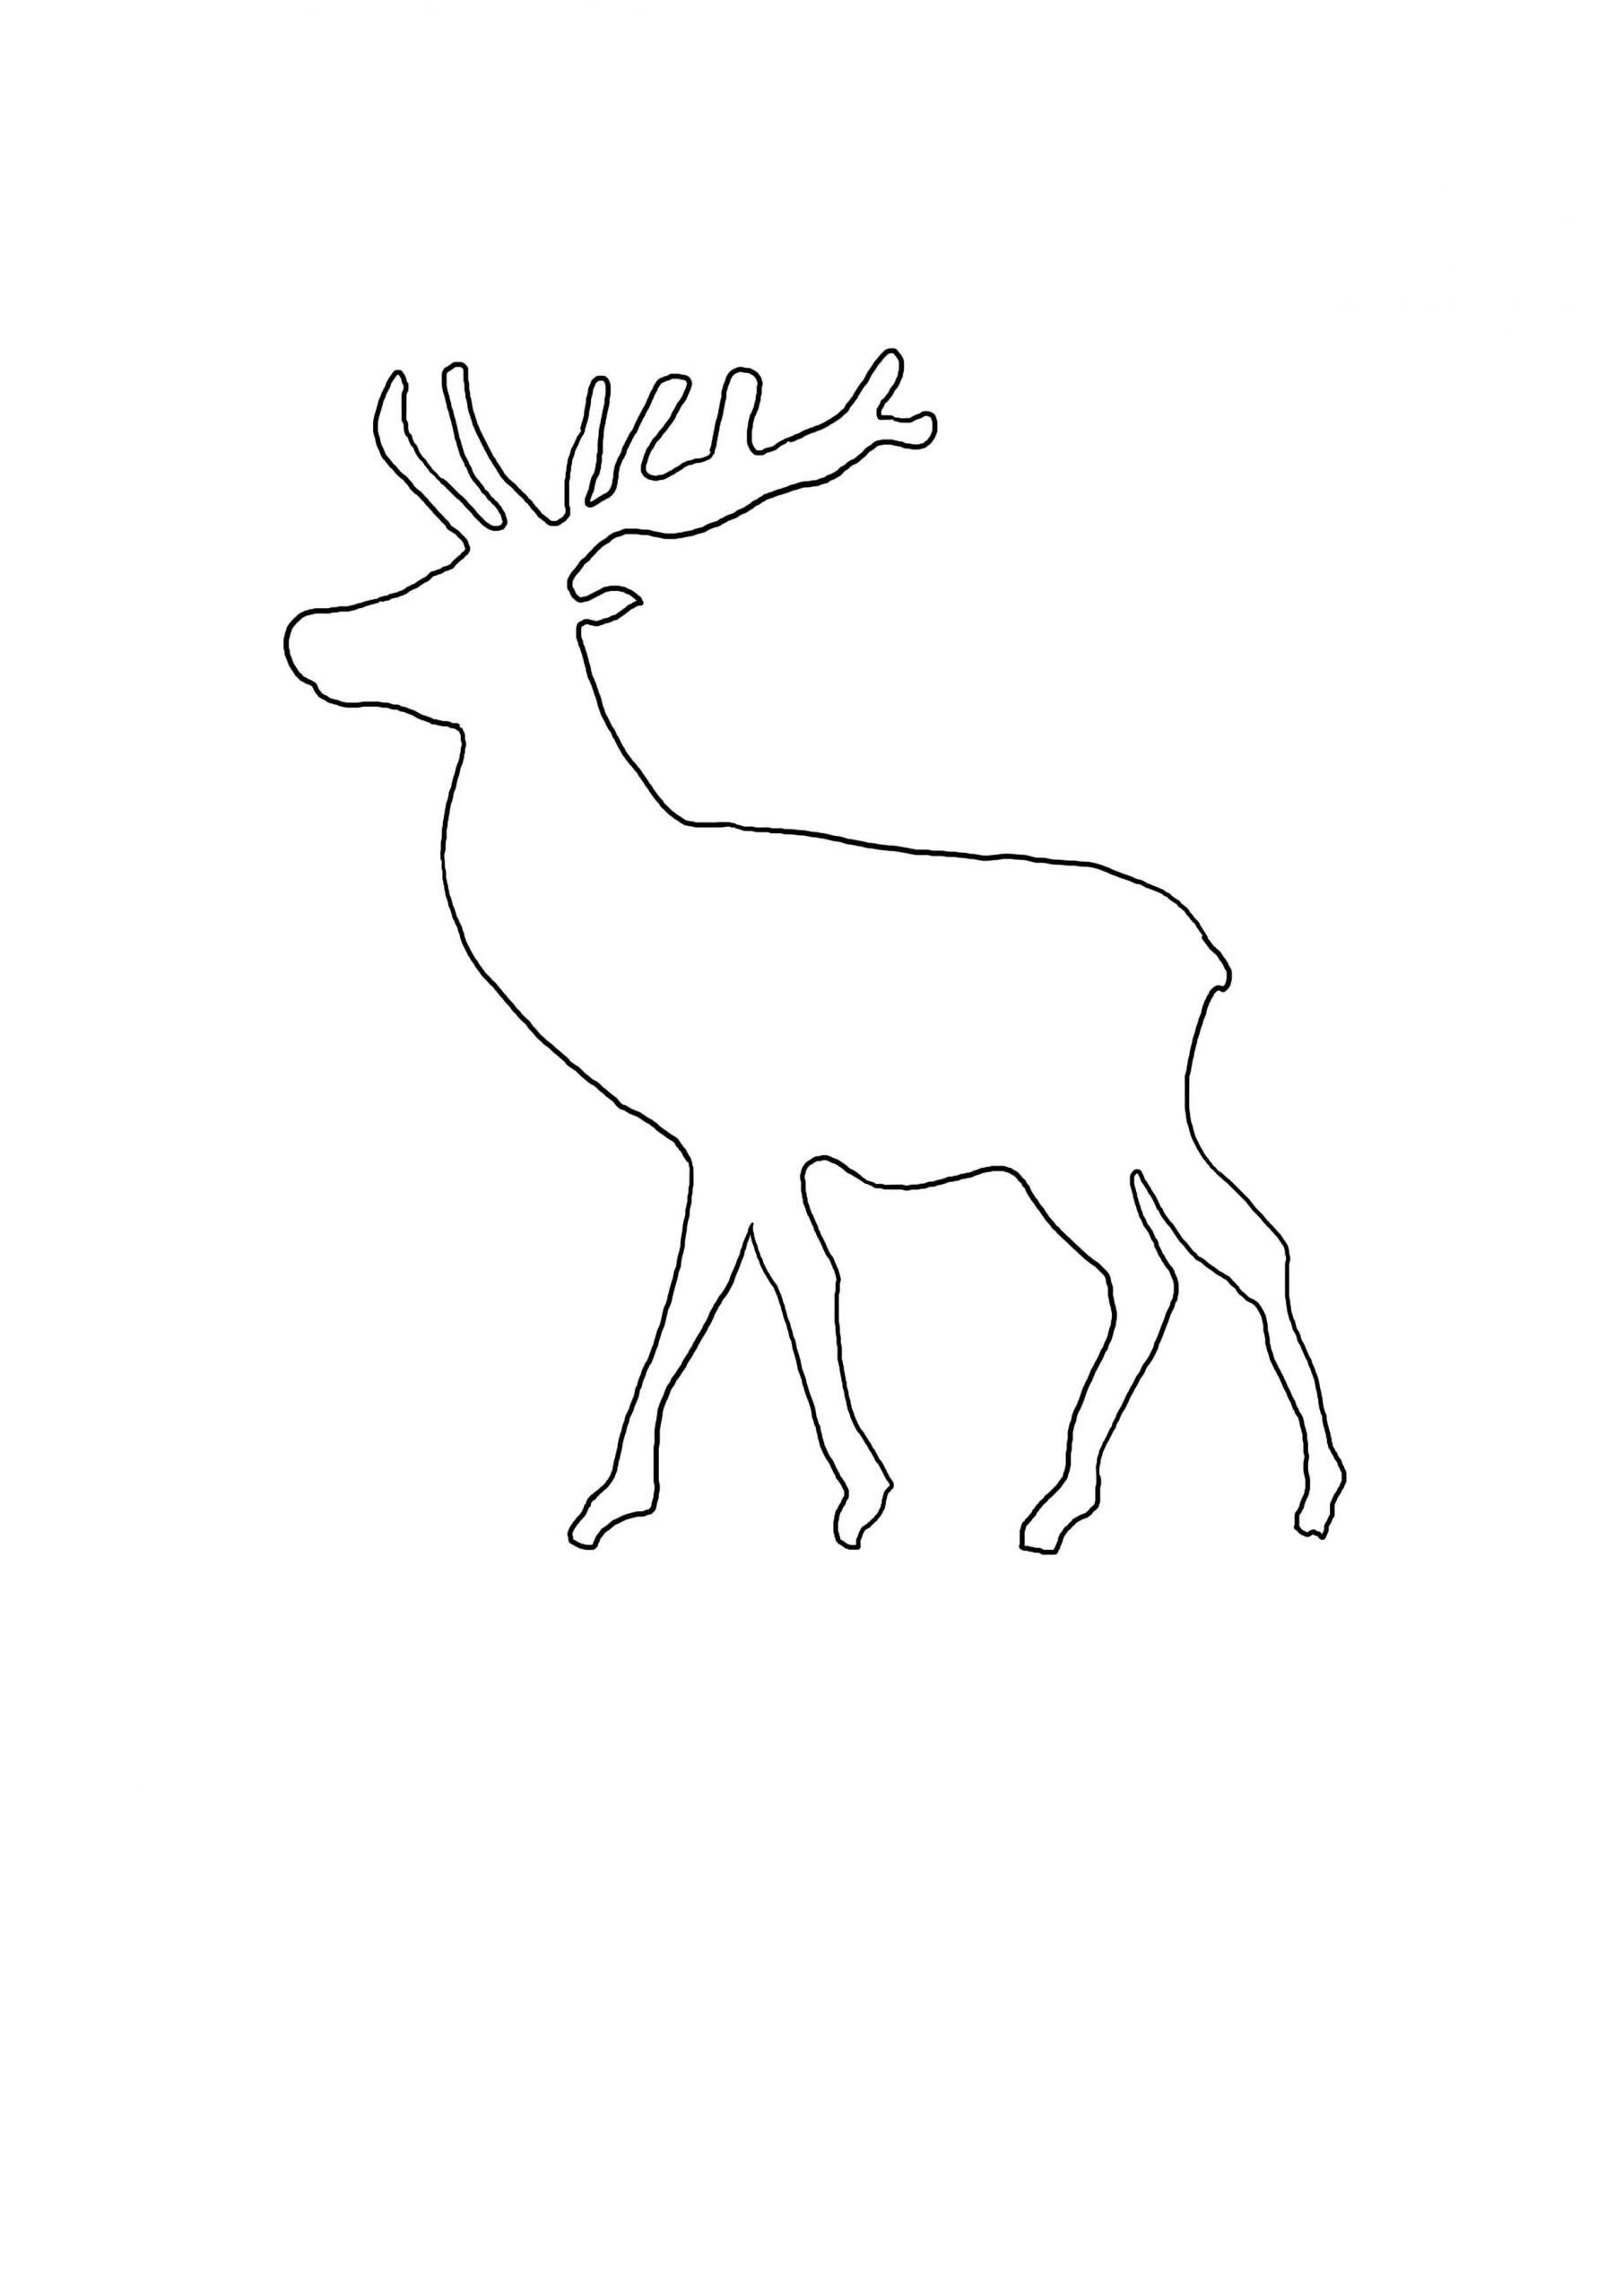 Vorlage_Elch_1 2.480×3.508 Pixel | Weihnachten Basteln über Bastelvorlagen Zum Ausdrucken Weihnachten Kostenlos